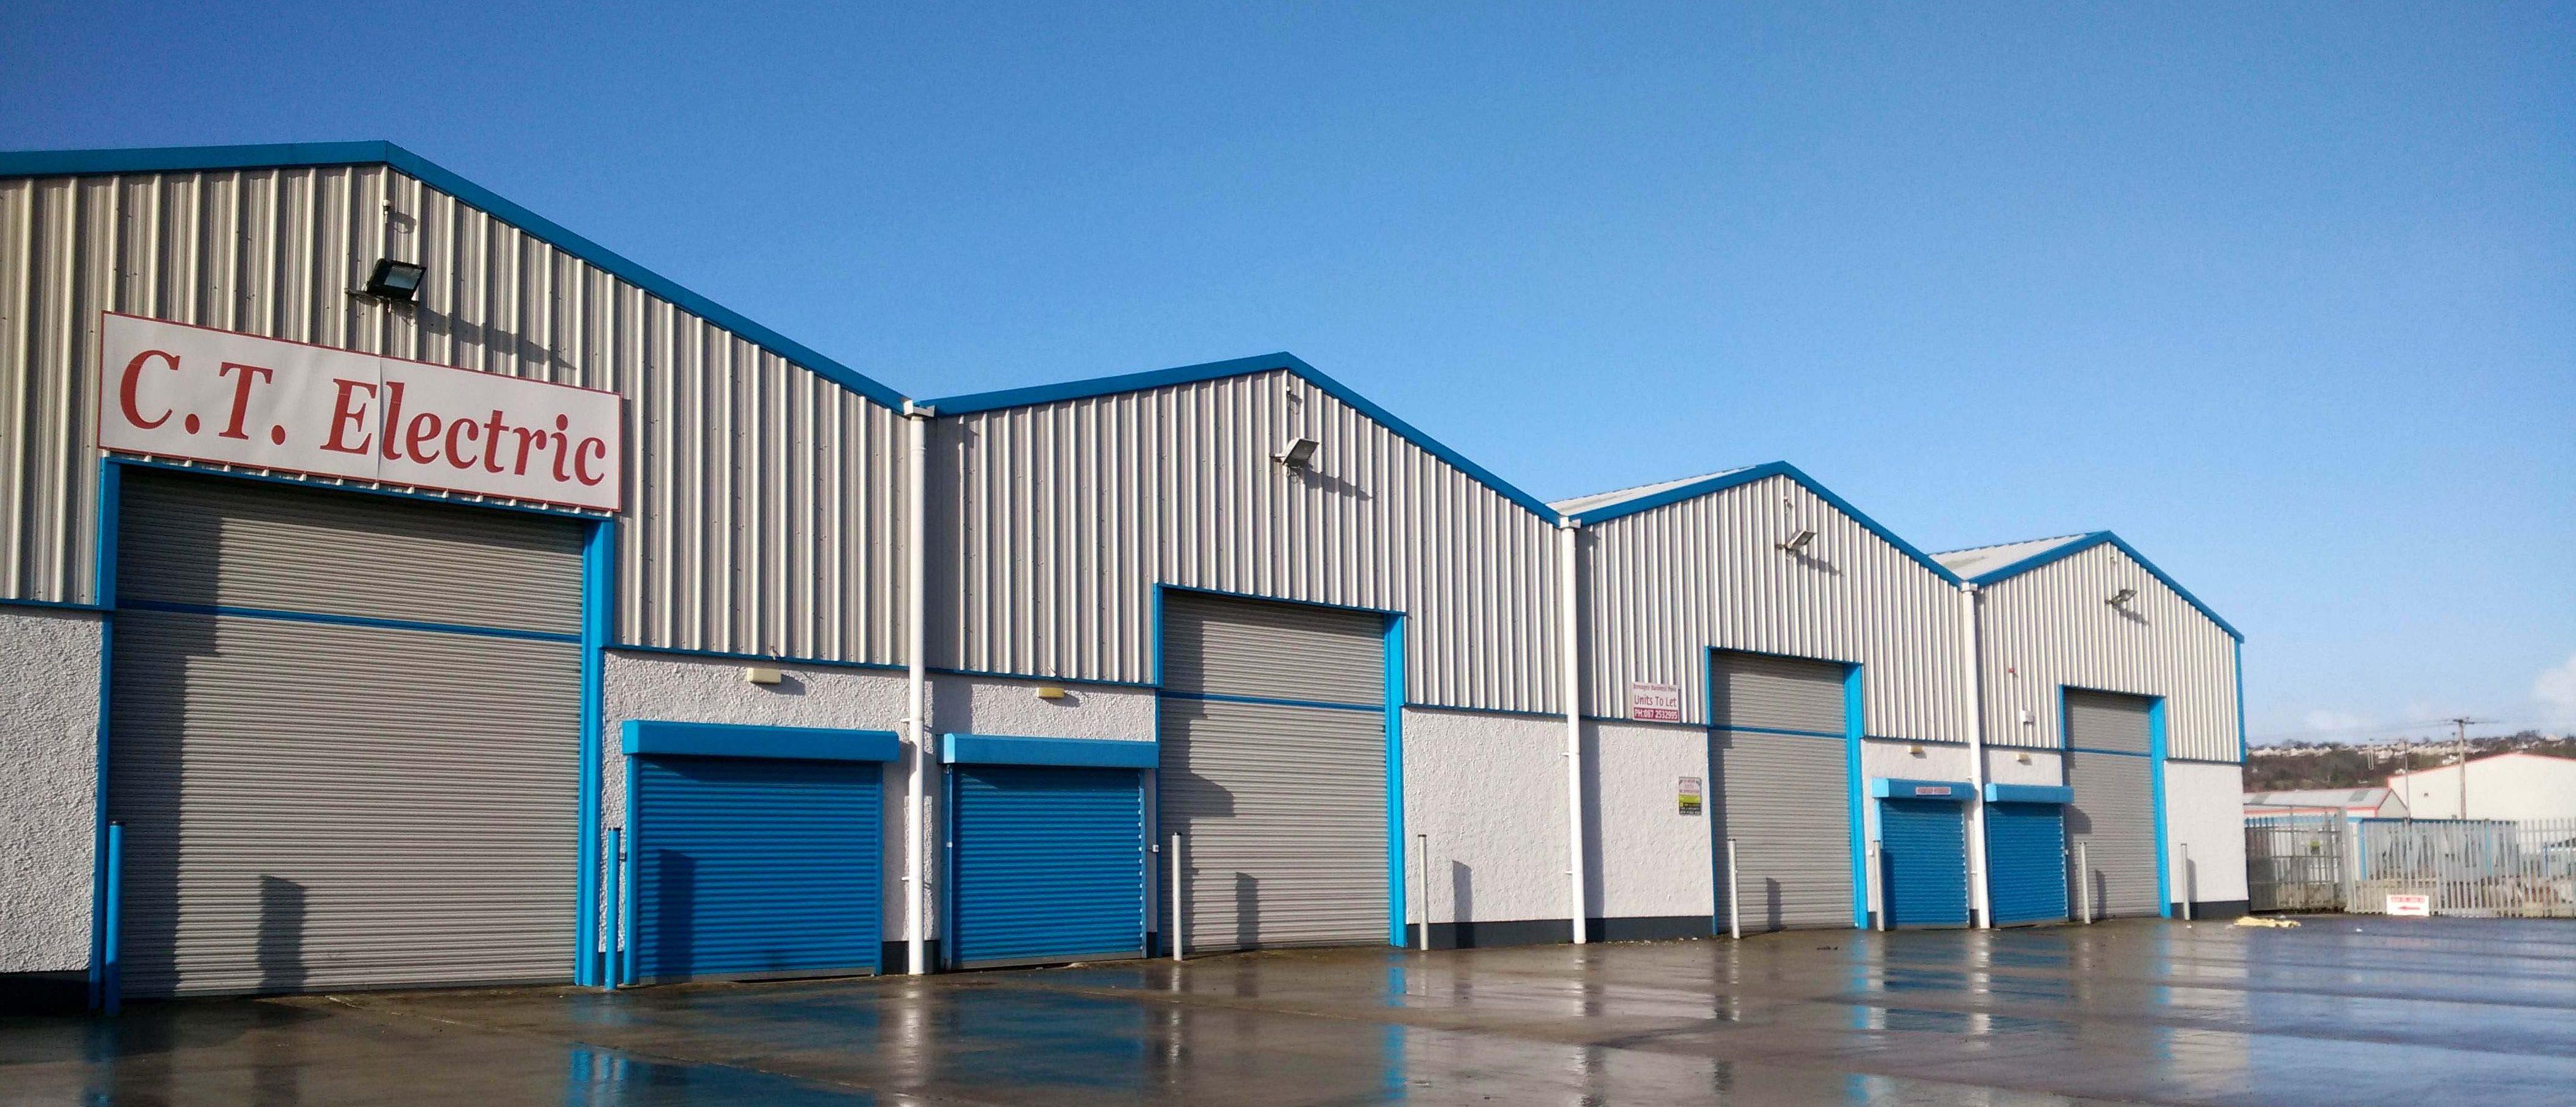 Unit 2, Bonagee Business Park, Letterkenny, Co. Donegal